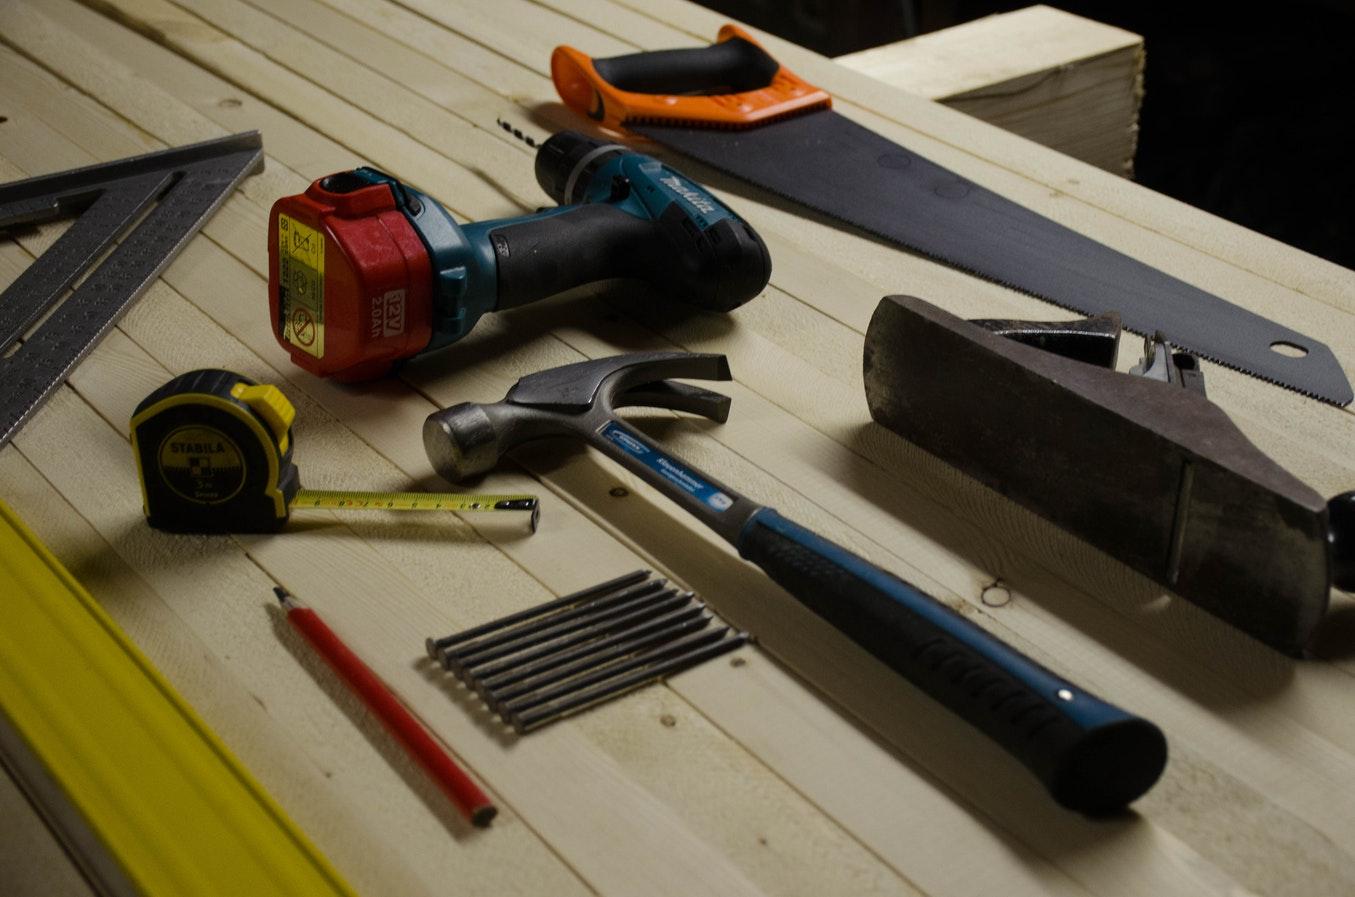 Outils à main et outils électroportatifs posés dans un atelier de bricolage